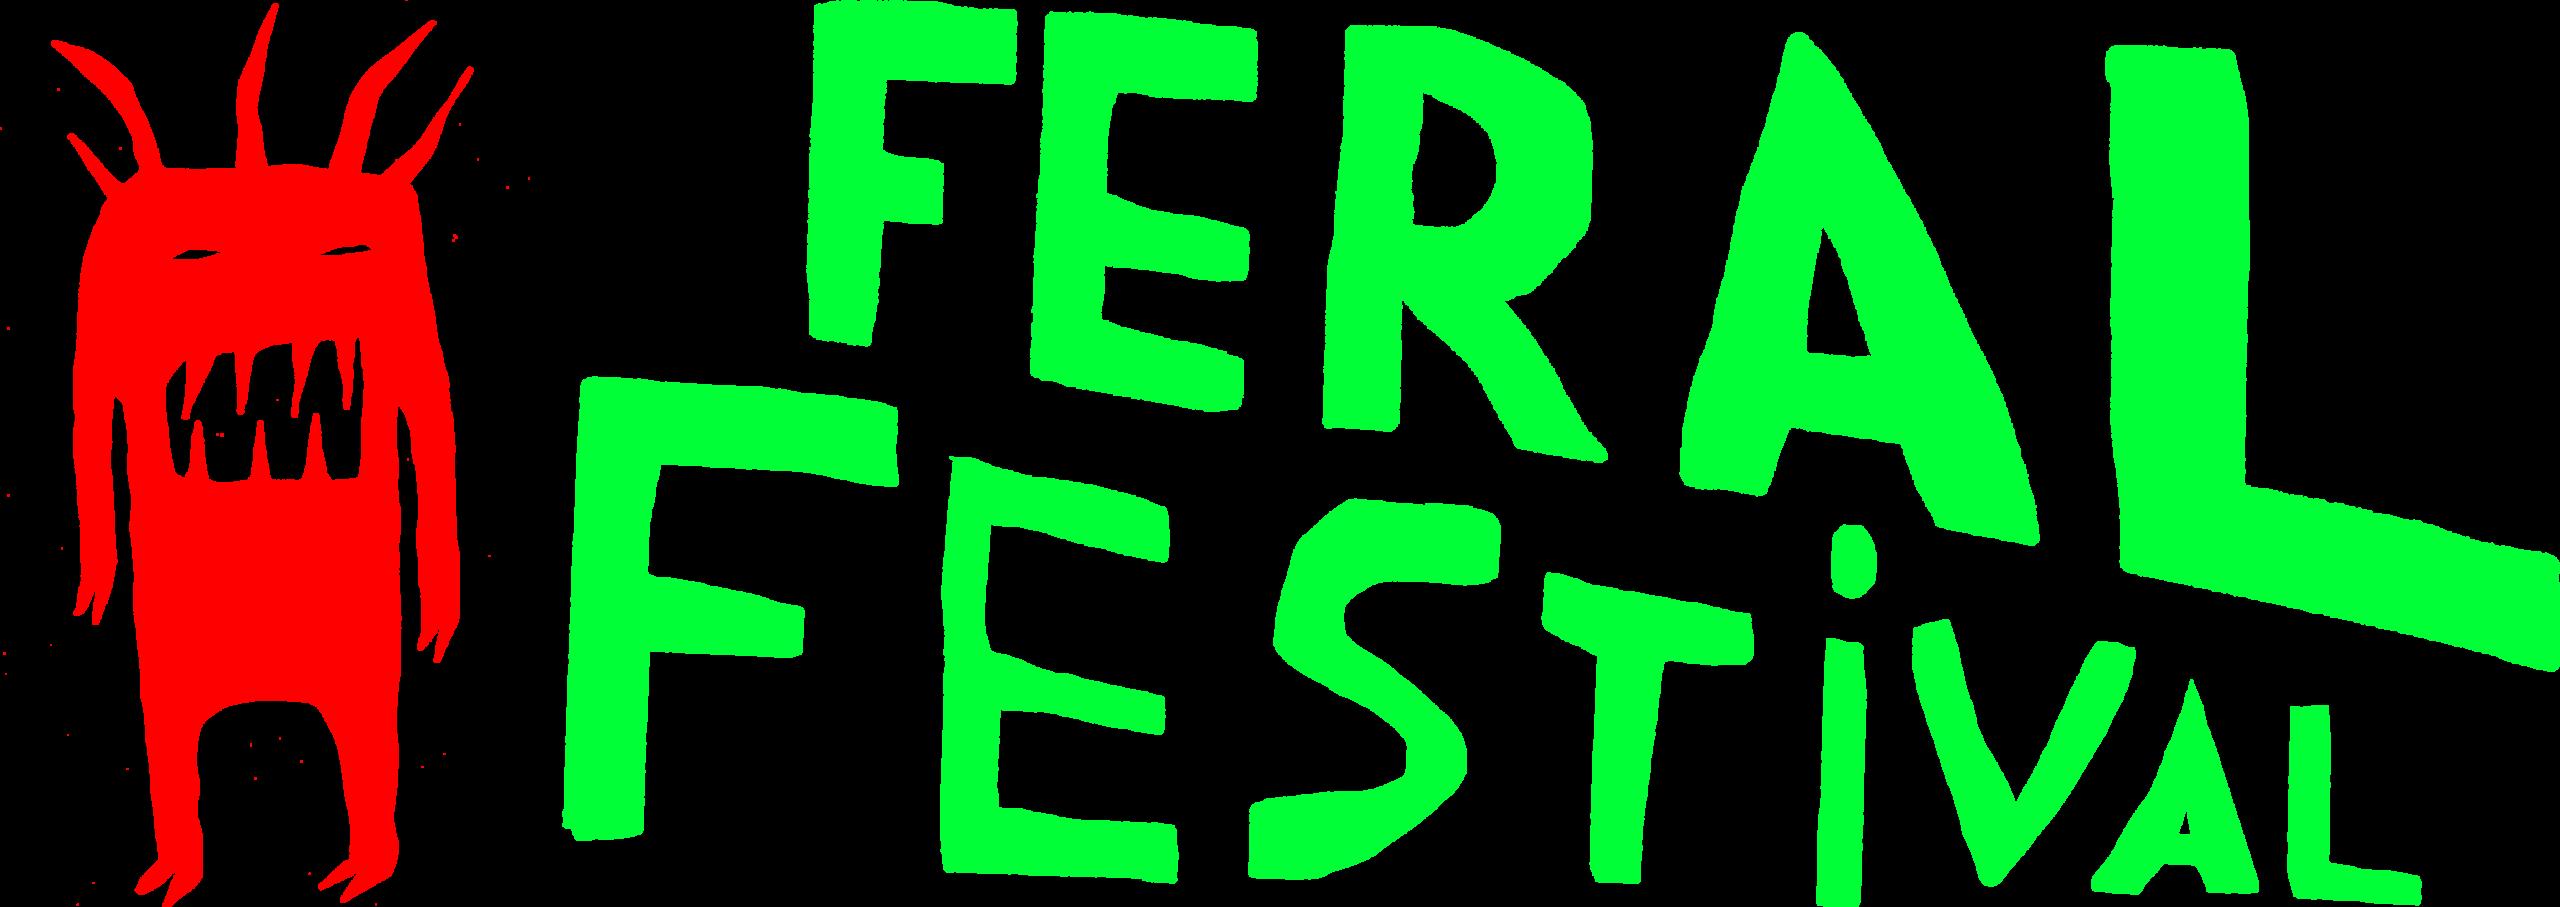 Feral Festival